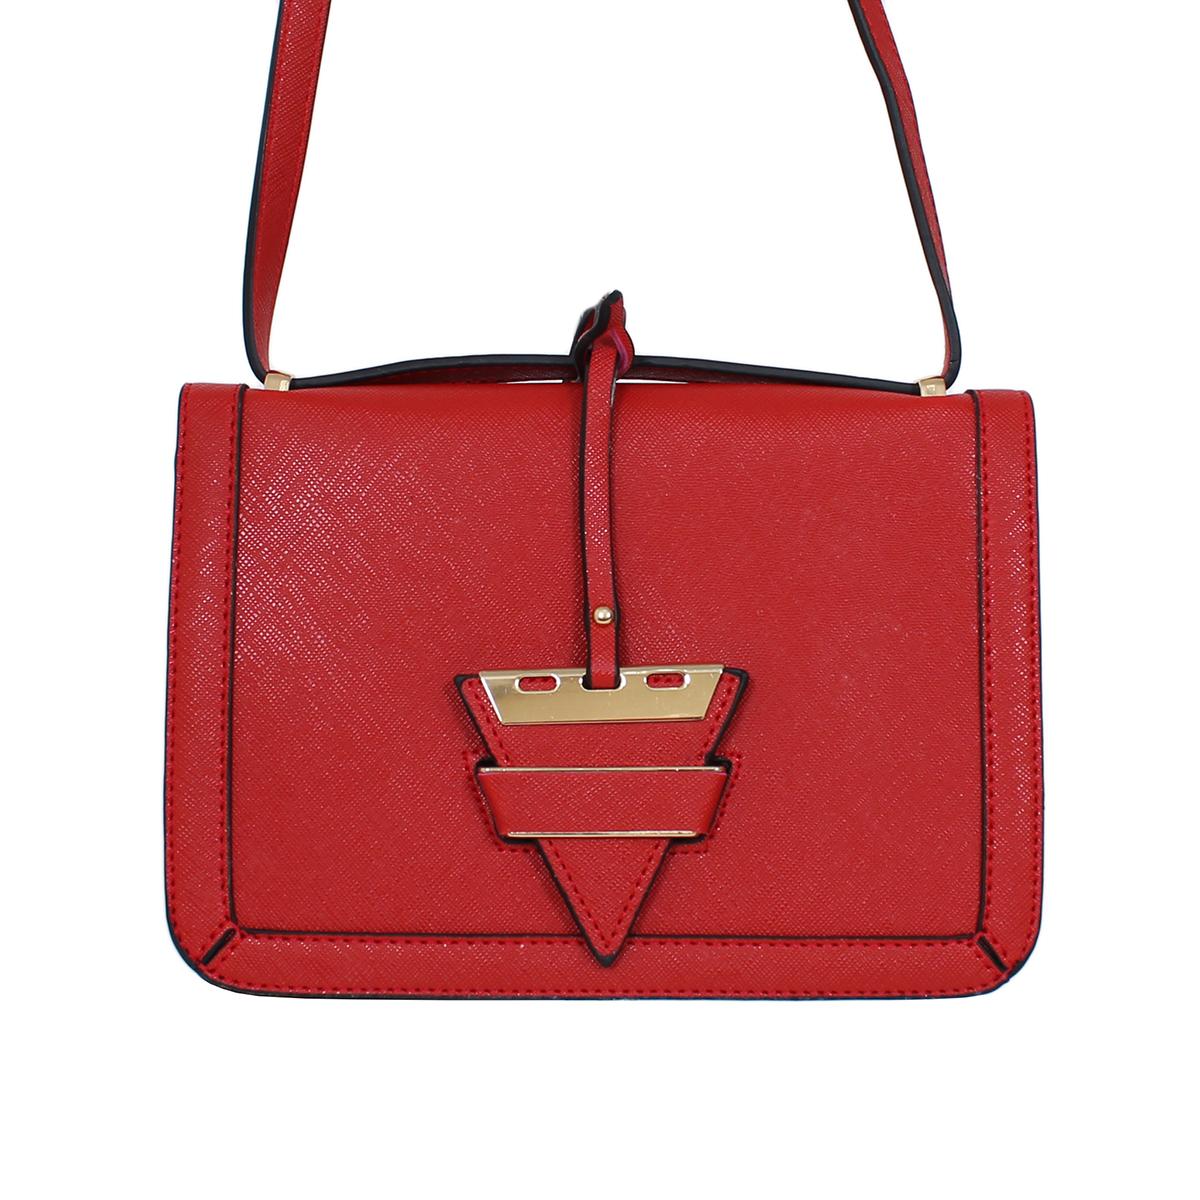 Сумка жен. Flioraj, цвет: красный. 0005163100051631Закрывается на декоратвную застежку. Внутри одно отделение, один открытый карман. Длинный ремень.